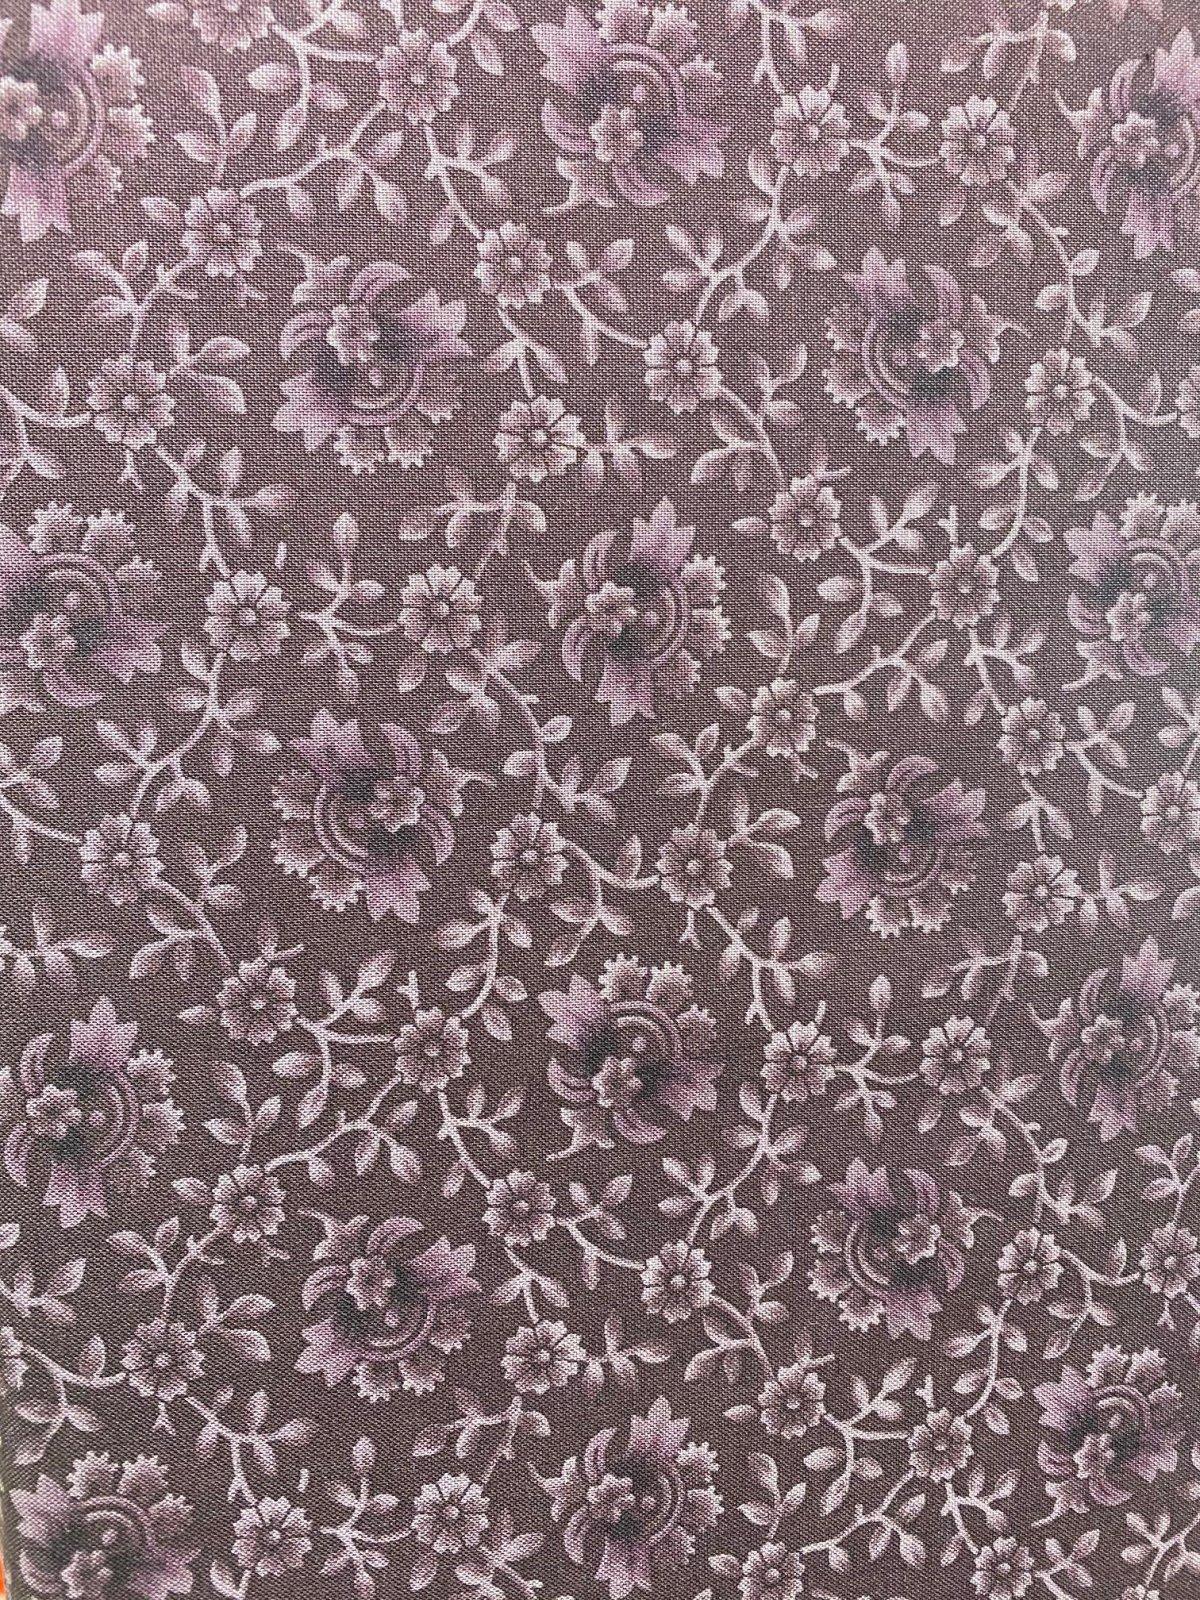 Marcus Antique Cotton Calicos dark purple floral R17-5233-0185